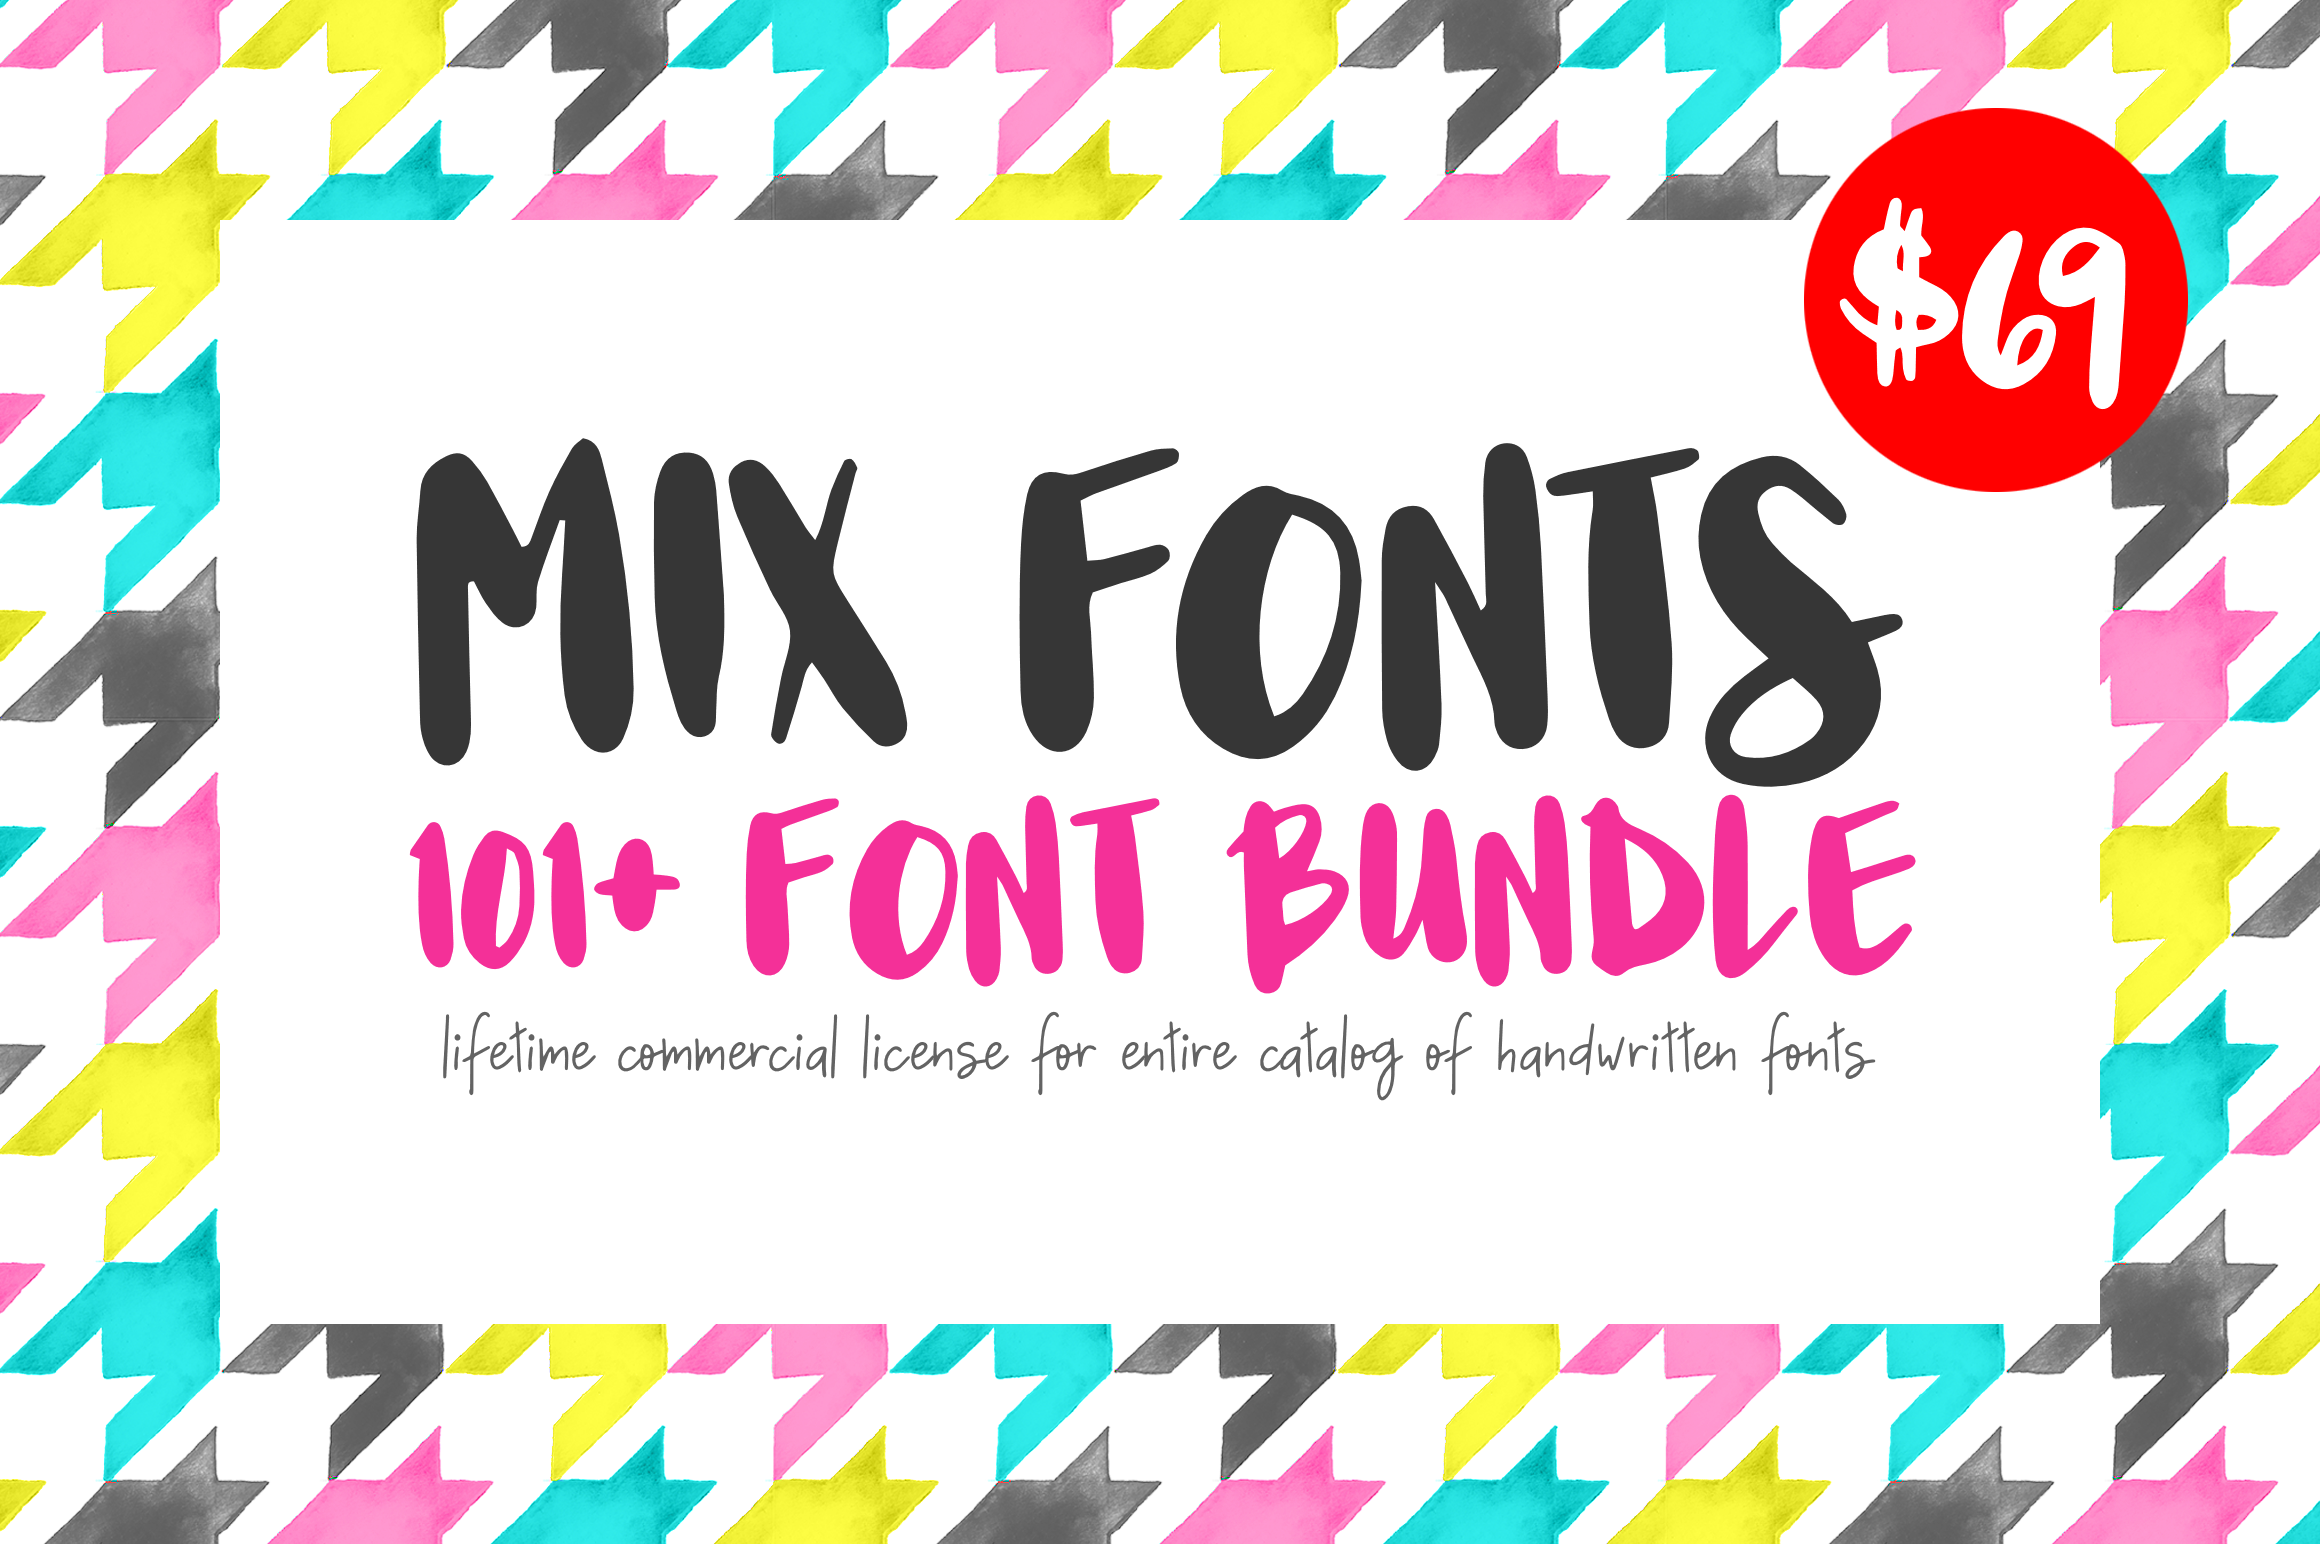 Mix Fonts - 101 Plus Font Bundle example image 1